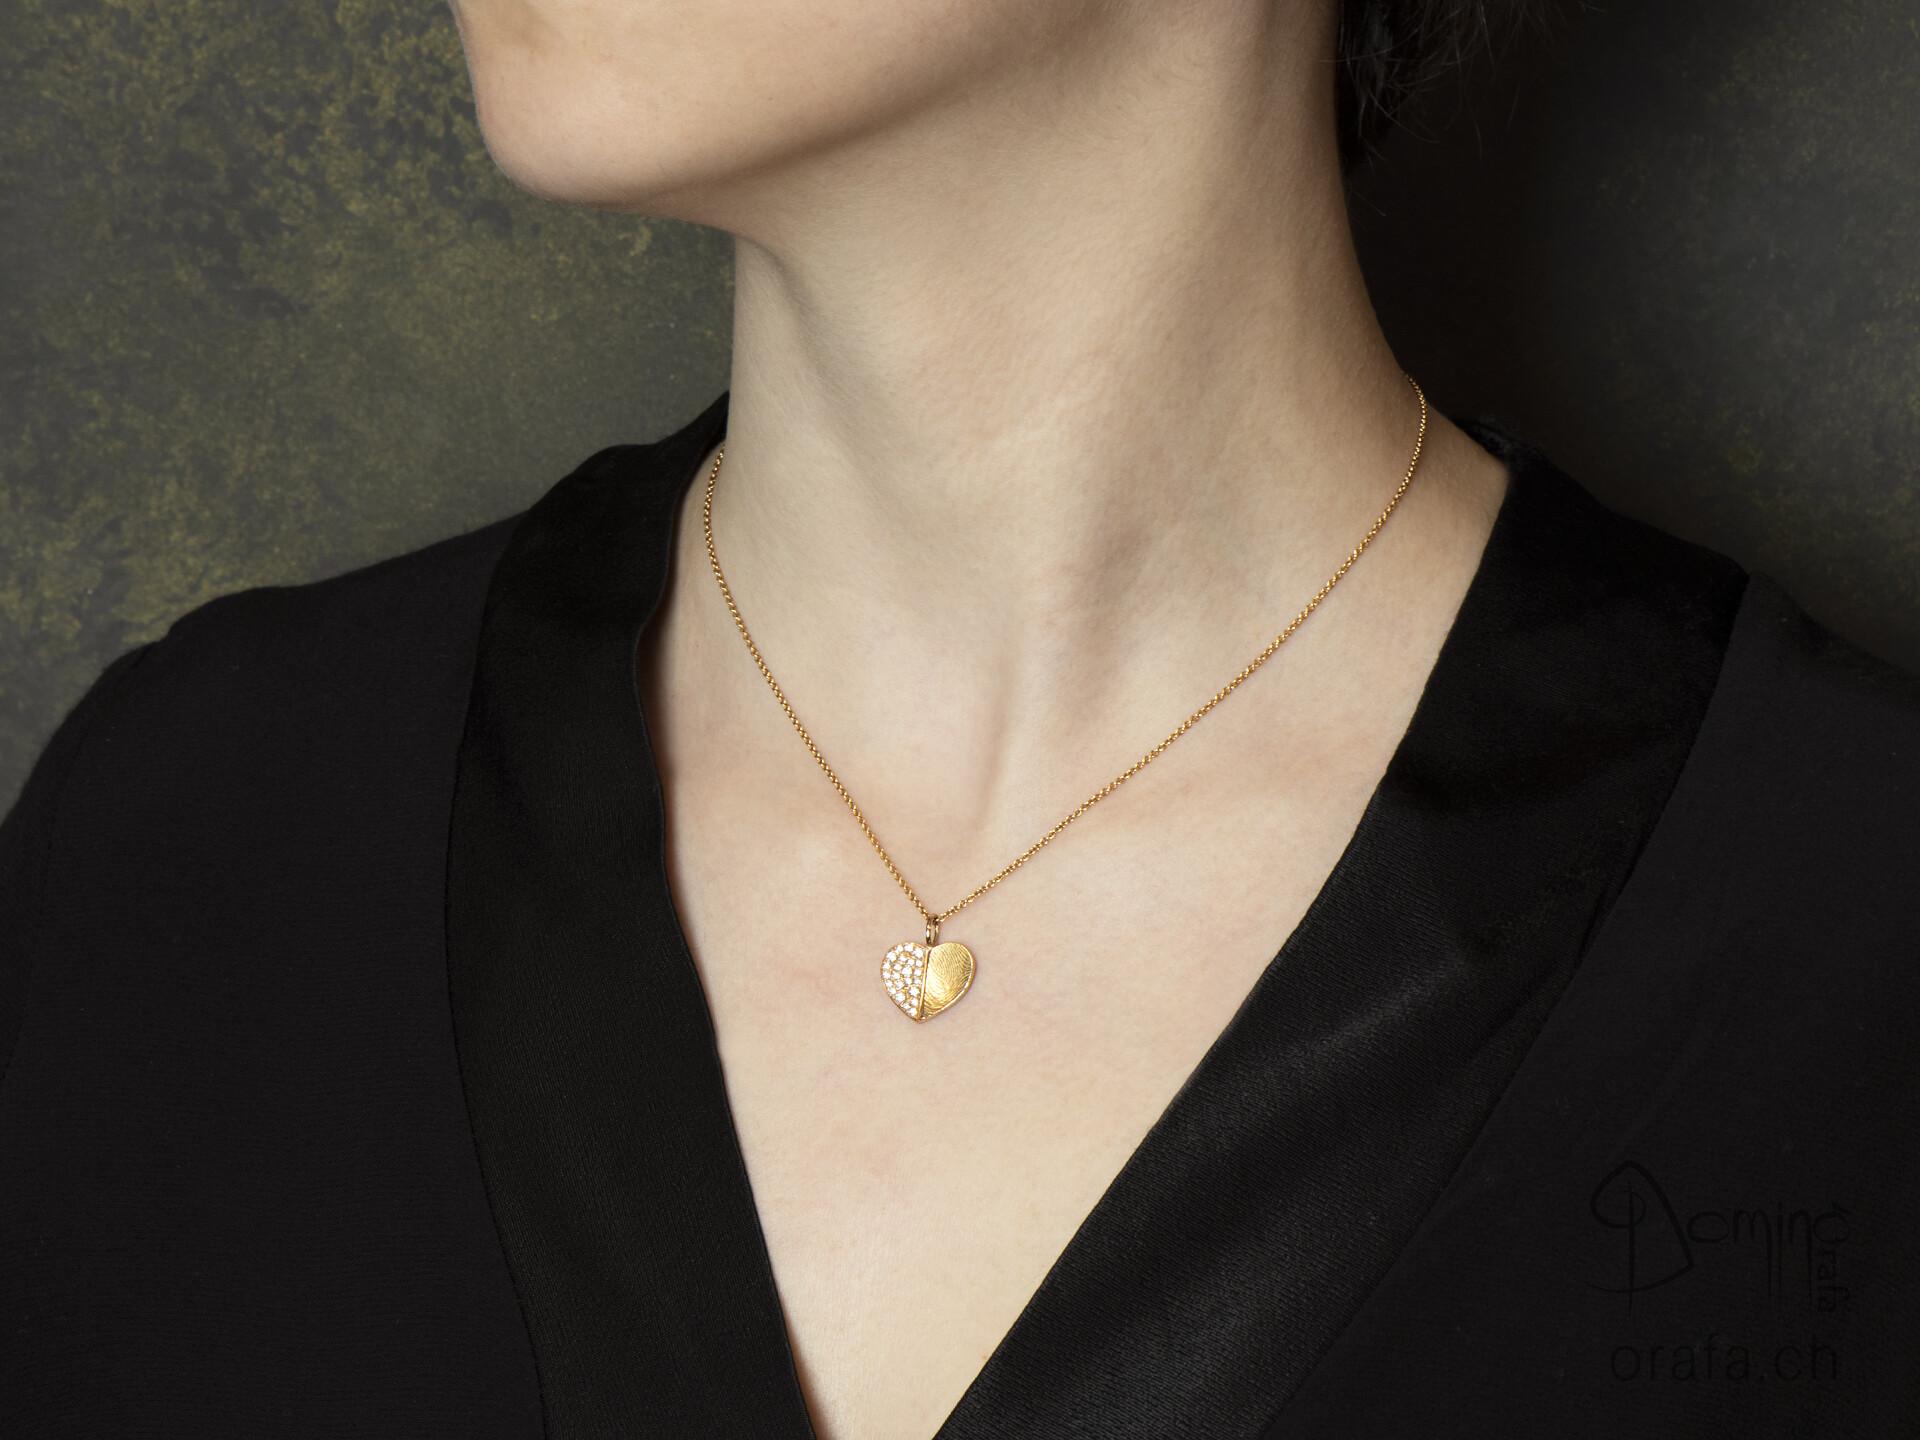 ciondolo-cuore-meta-impronta-digitale-meta-diamanti-2